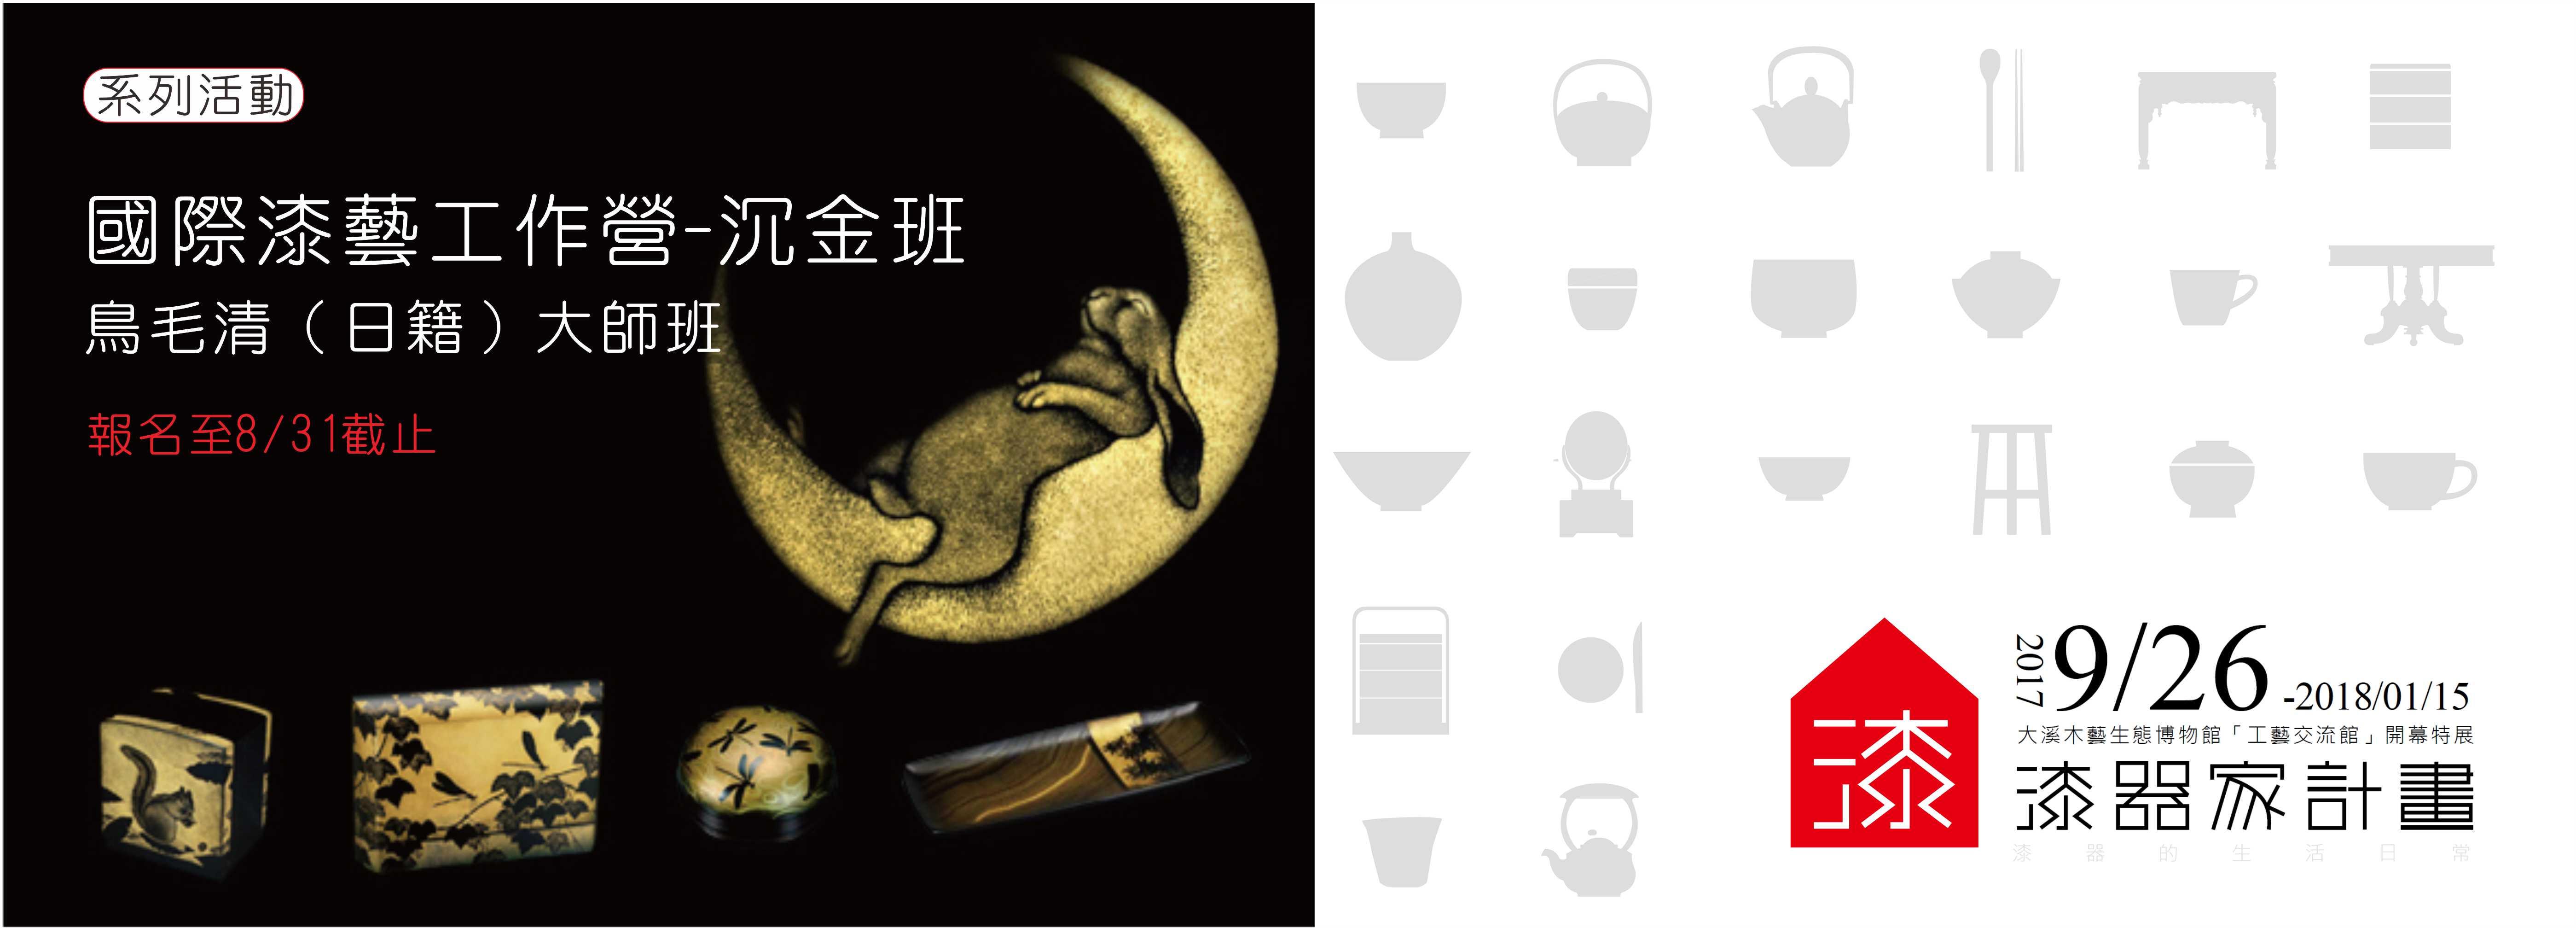 漆器家計畫 工藝交流館開館特展-沉金班─鳥毛清大師班招生簡章